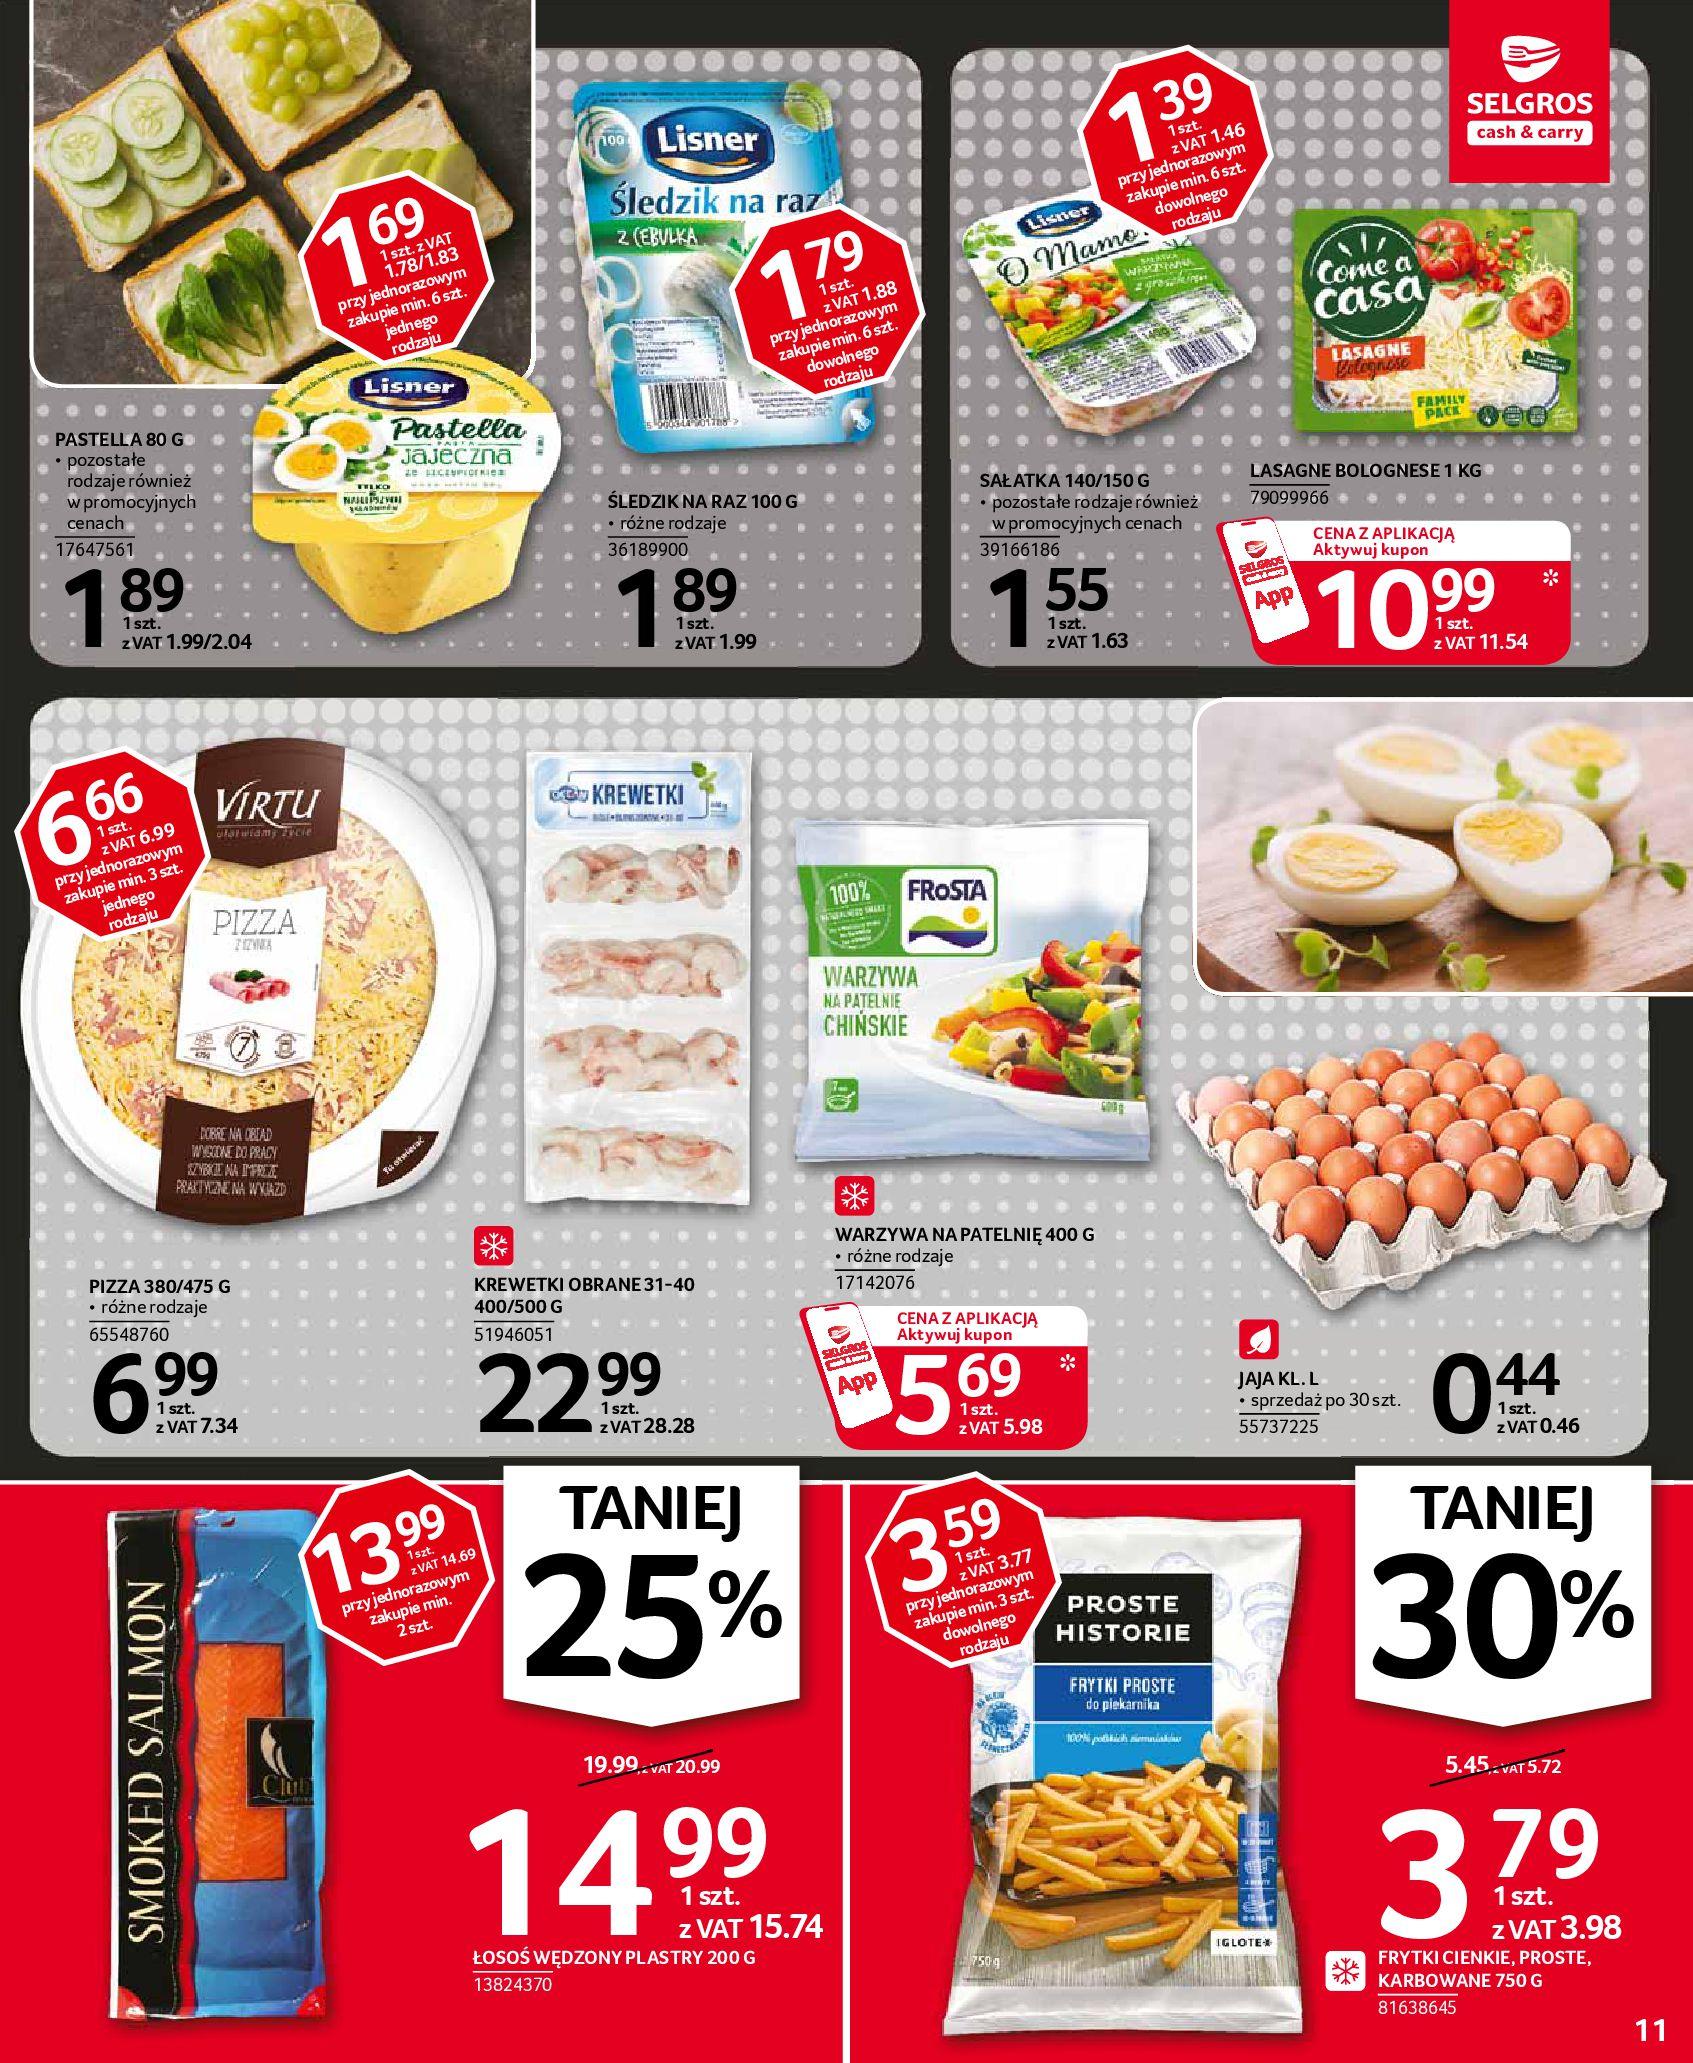 Gazetka Selgros: Oferta spożywcza 2021-01-07 page-11